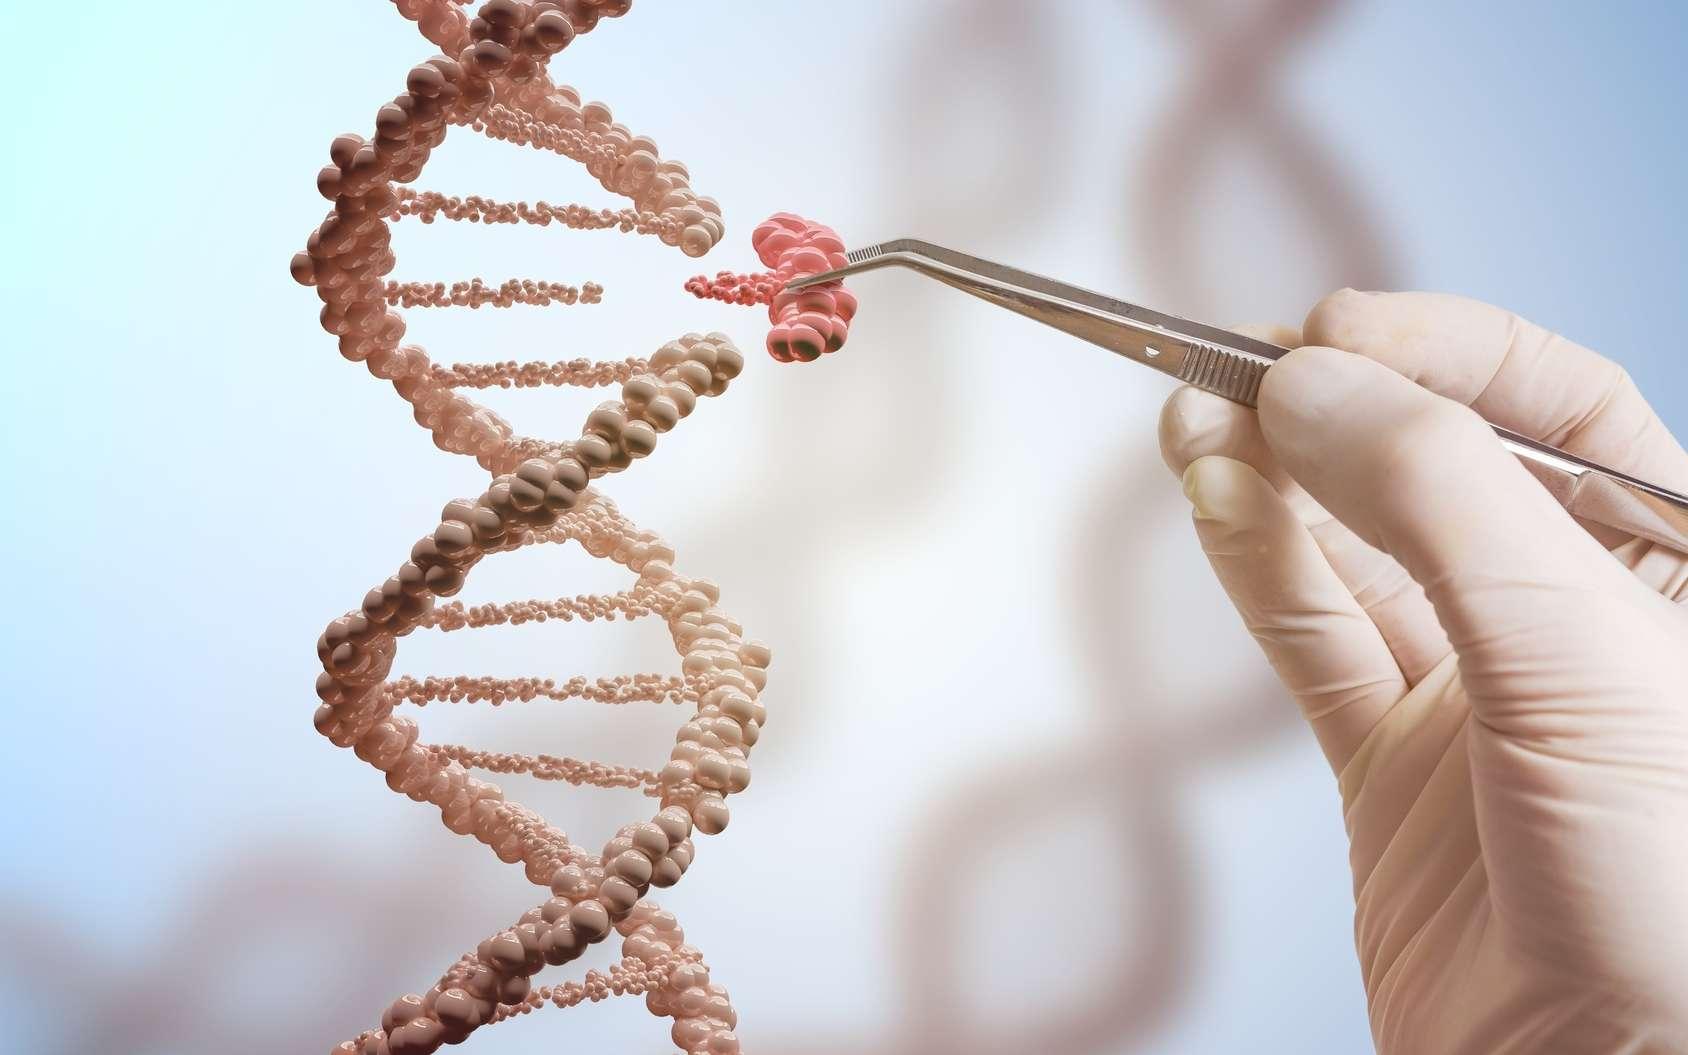 L'édition du génome, ou édition génomique, permet de modifier le génome des êtres vivants. © vchalup, Fotolia